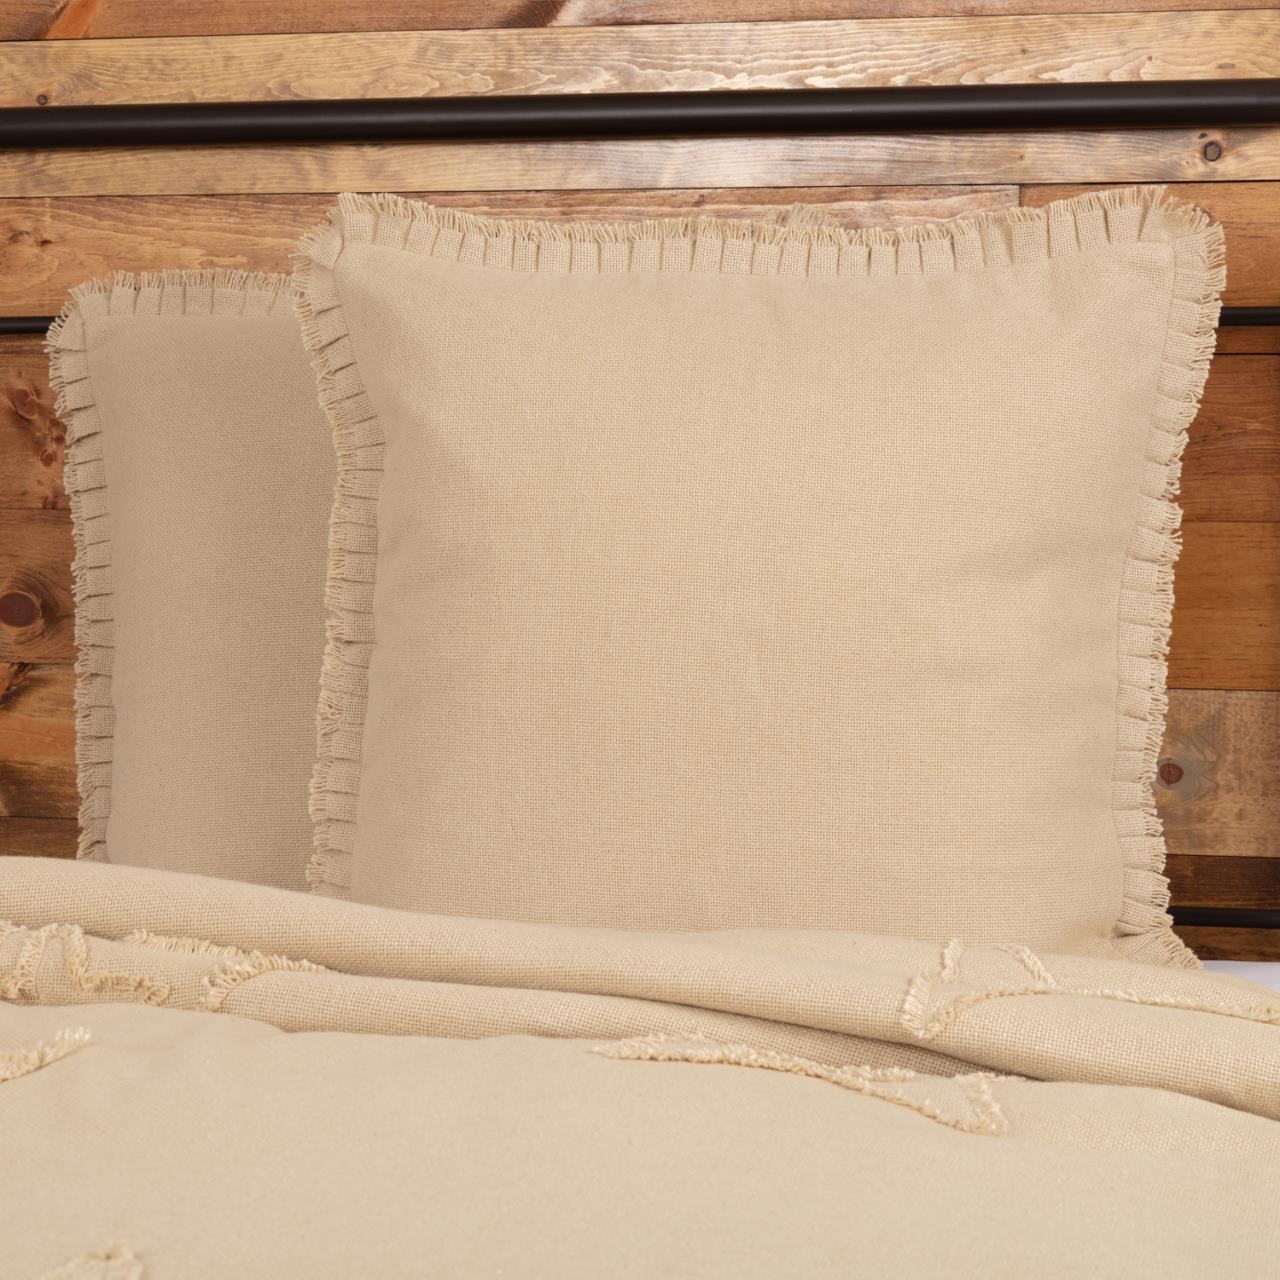 Burlap Vintage Fabric Euro Sham w/ Fringed Ruffle - 840528174537